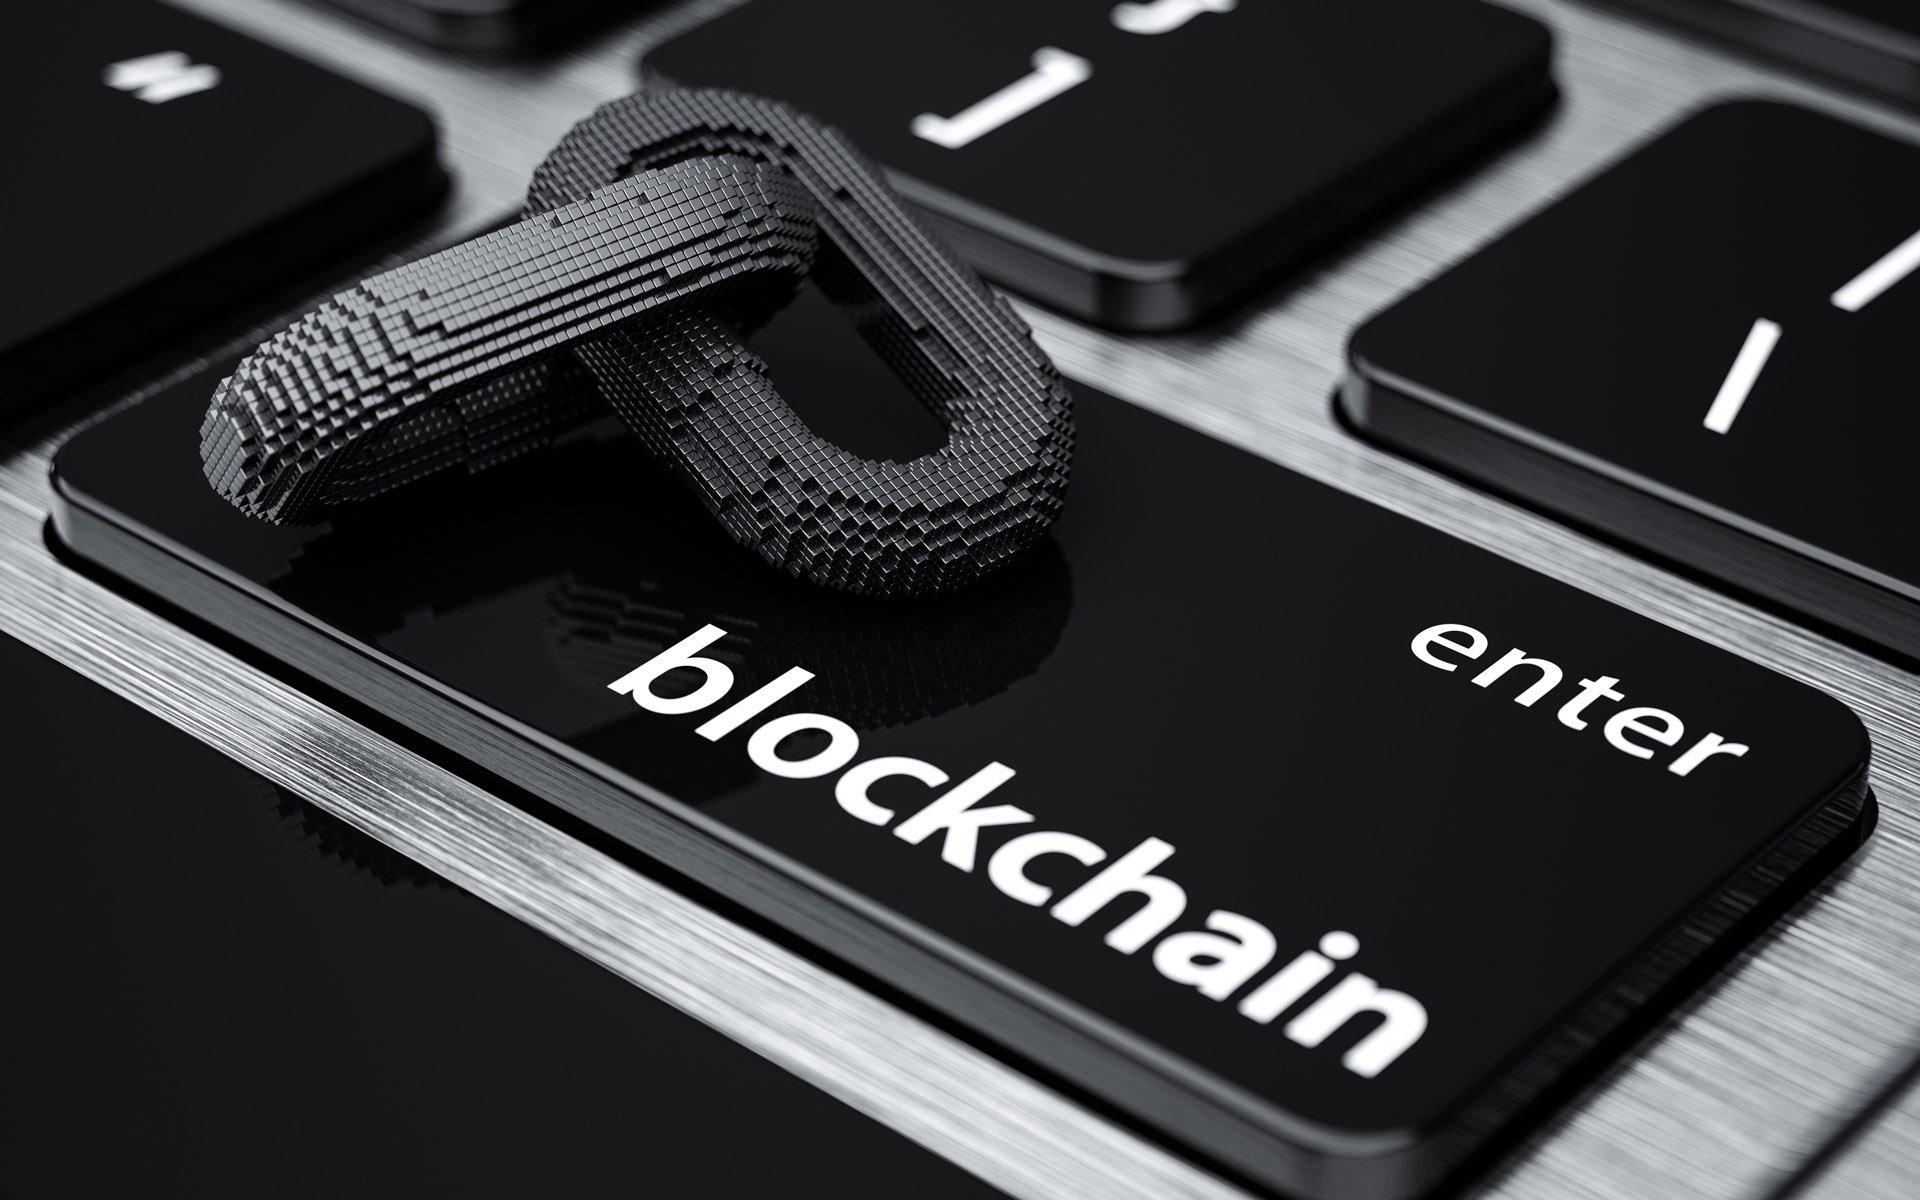 Южнокорейское правительство рассматривает технологию Blockchain как к часть «Четвертой промышленной революции»